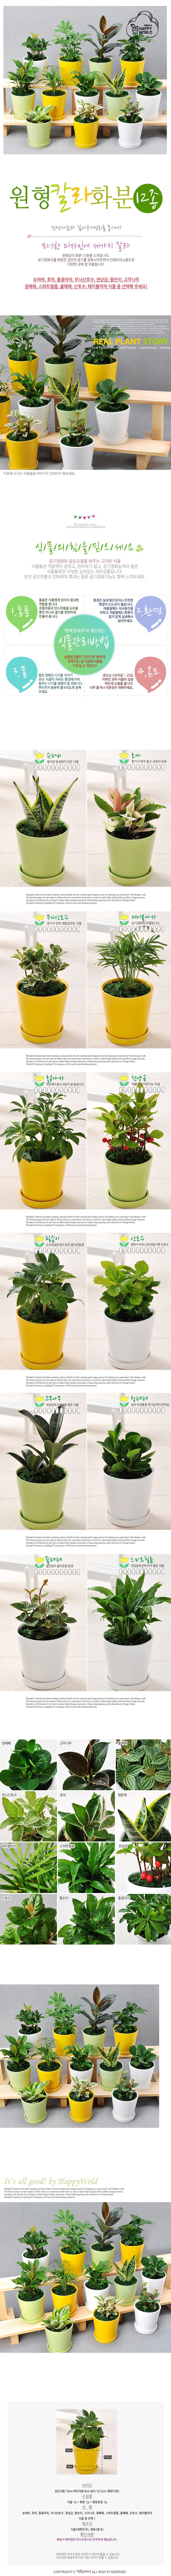 [행복한세상]공기정화식물 원형칼라화분 - 지승, 8,900원, 허브/다육/선인장, 공기정화식물